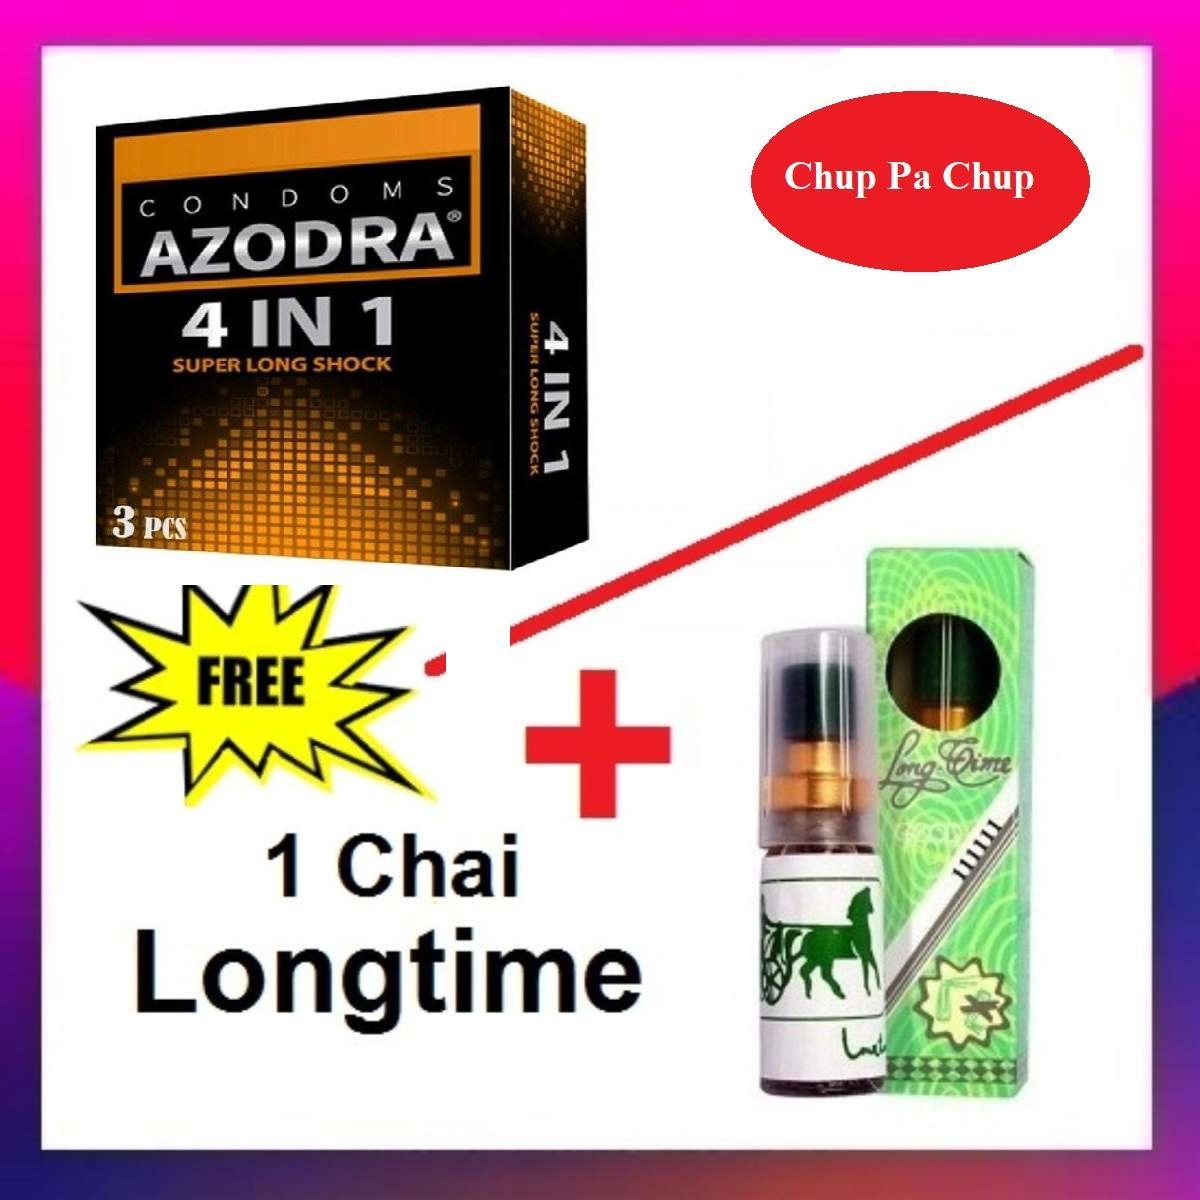 [Mua 1 Tặng 1] Combo 1 hộp Bao cao su gân gai kéo dài thời gian AZODRA tặng 1 Chai Xịt Longtime